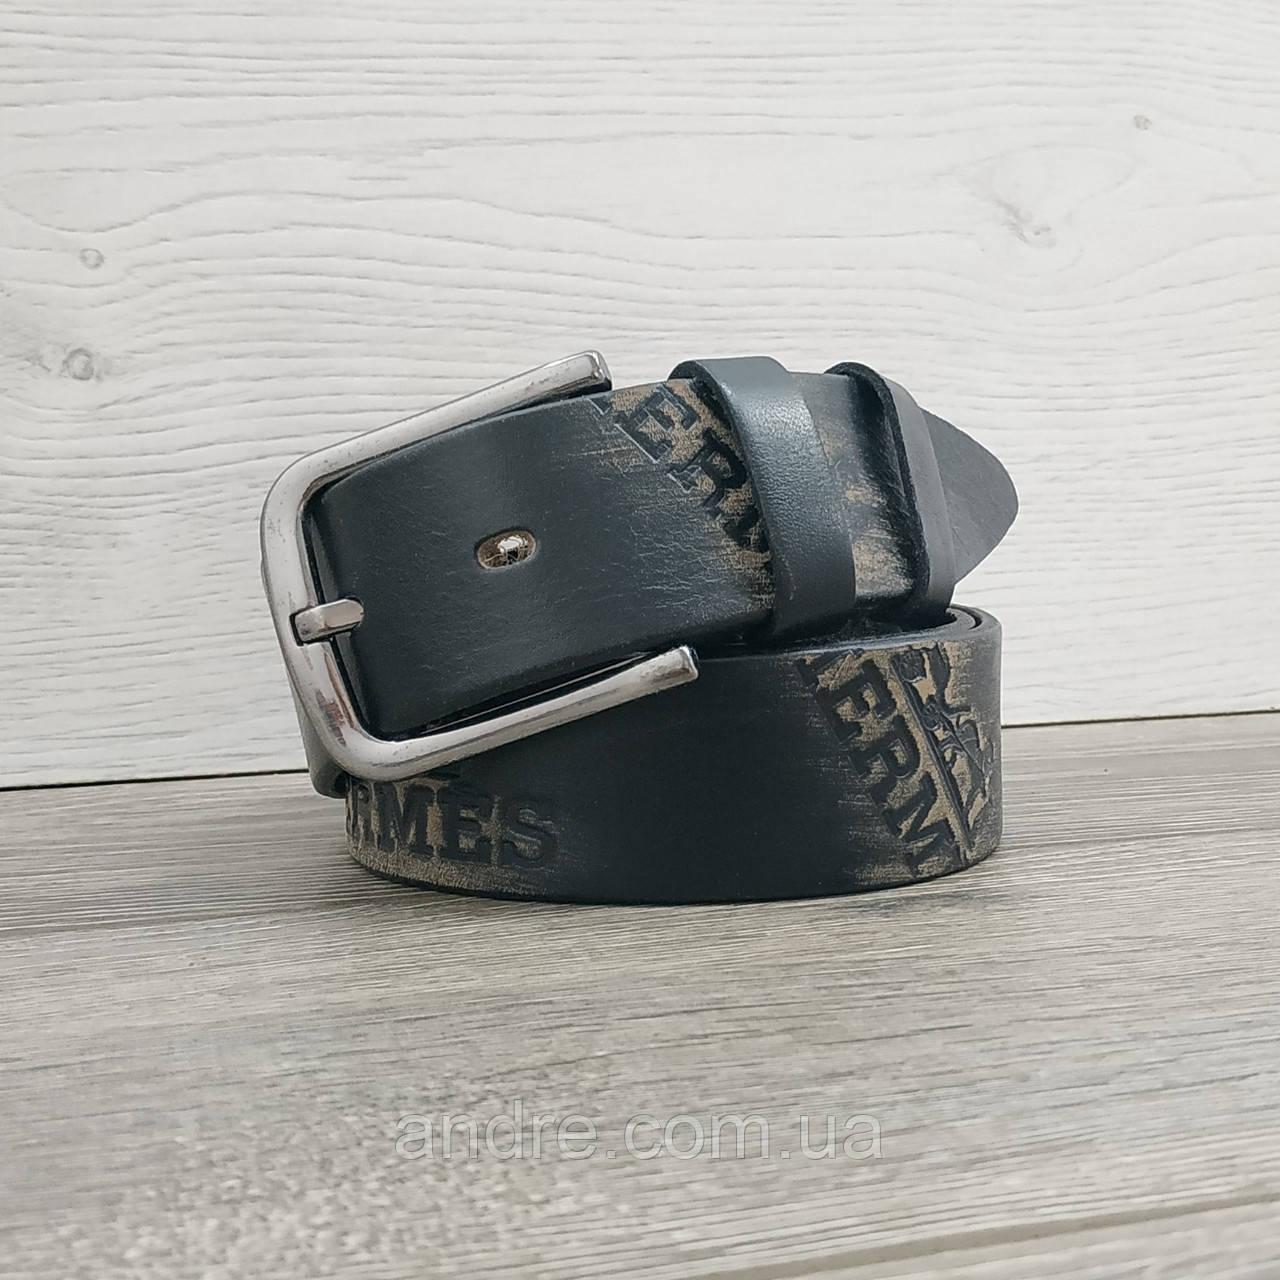 Кожаный джинсовый ремень 4 см черный